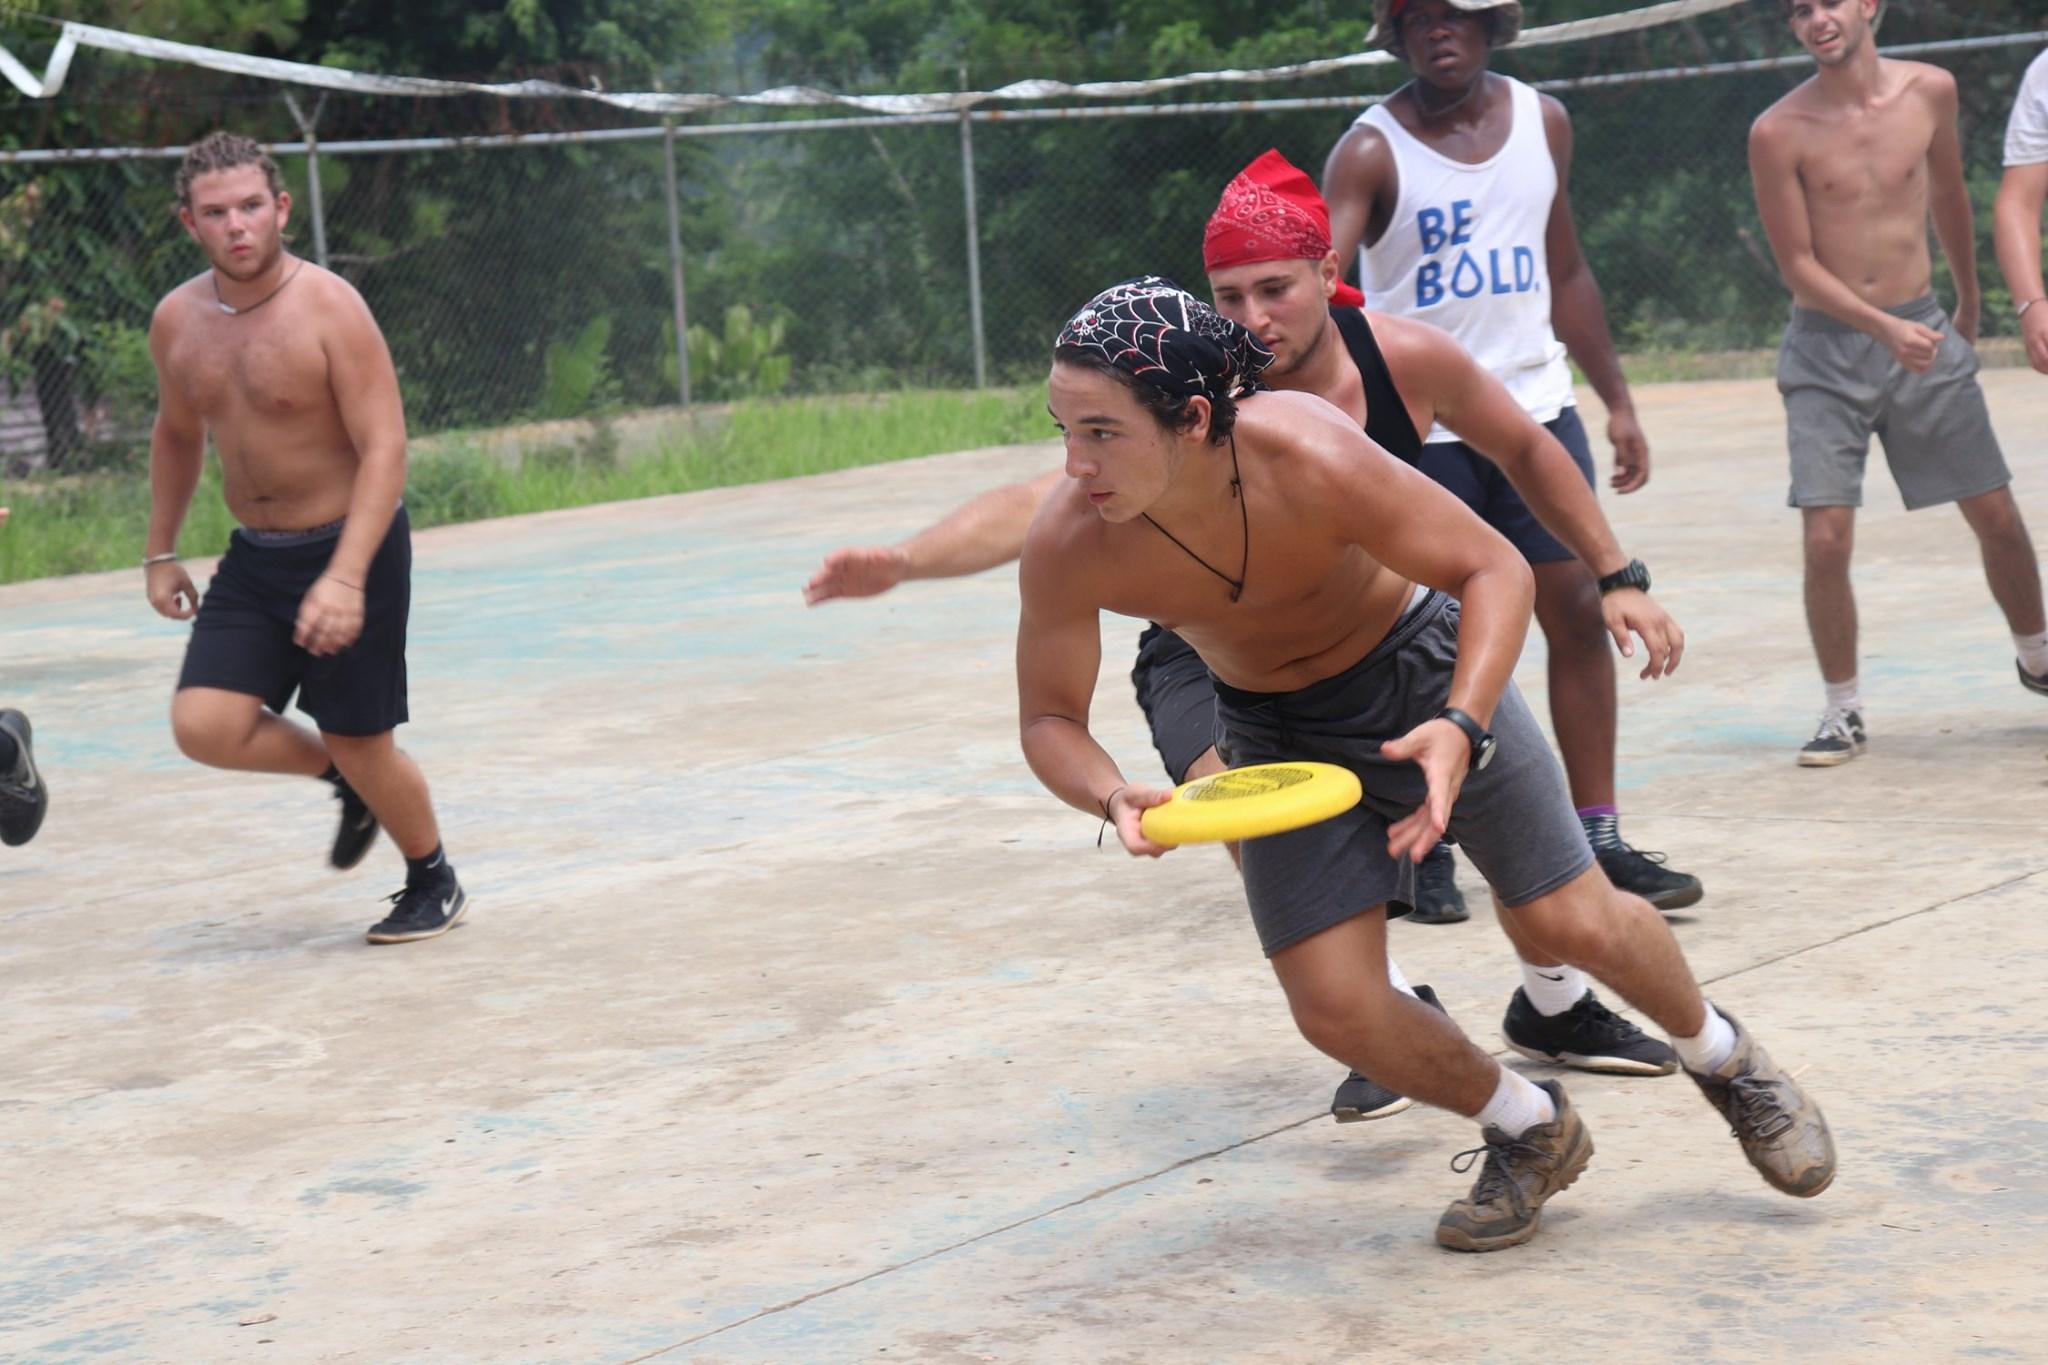 blue-missions-volunteers-playing-ultimate-frisbee.jpg